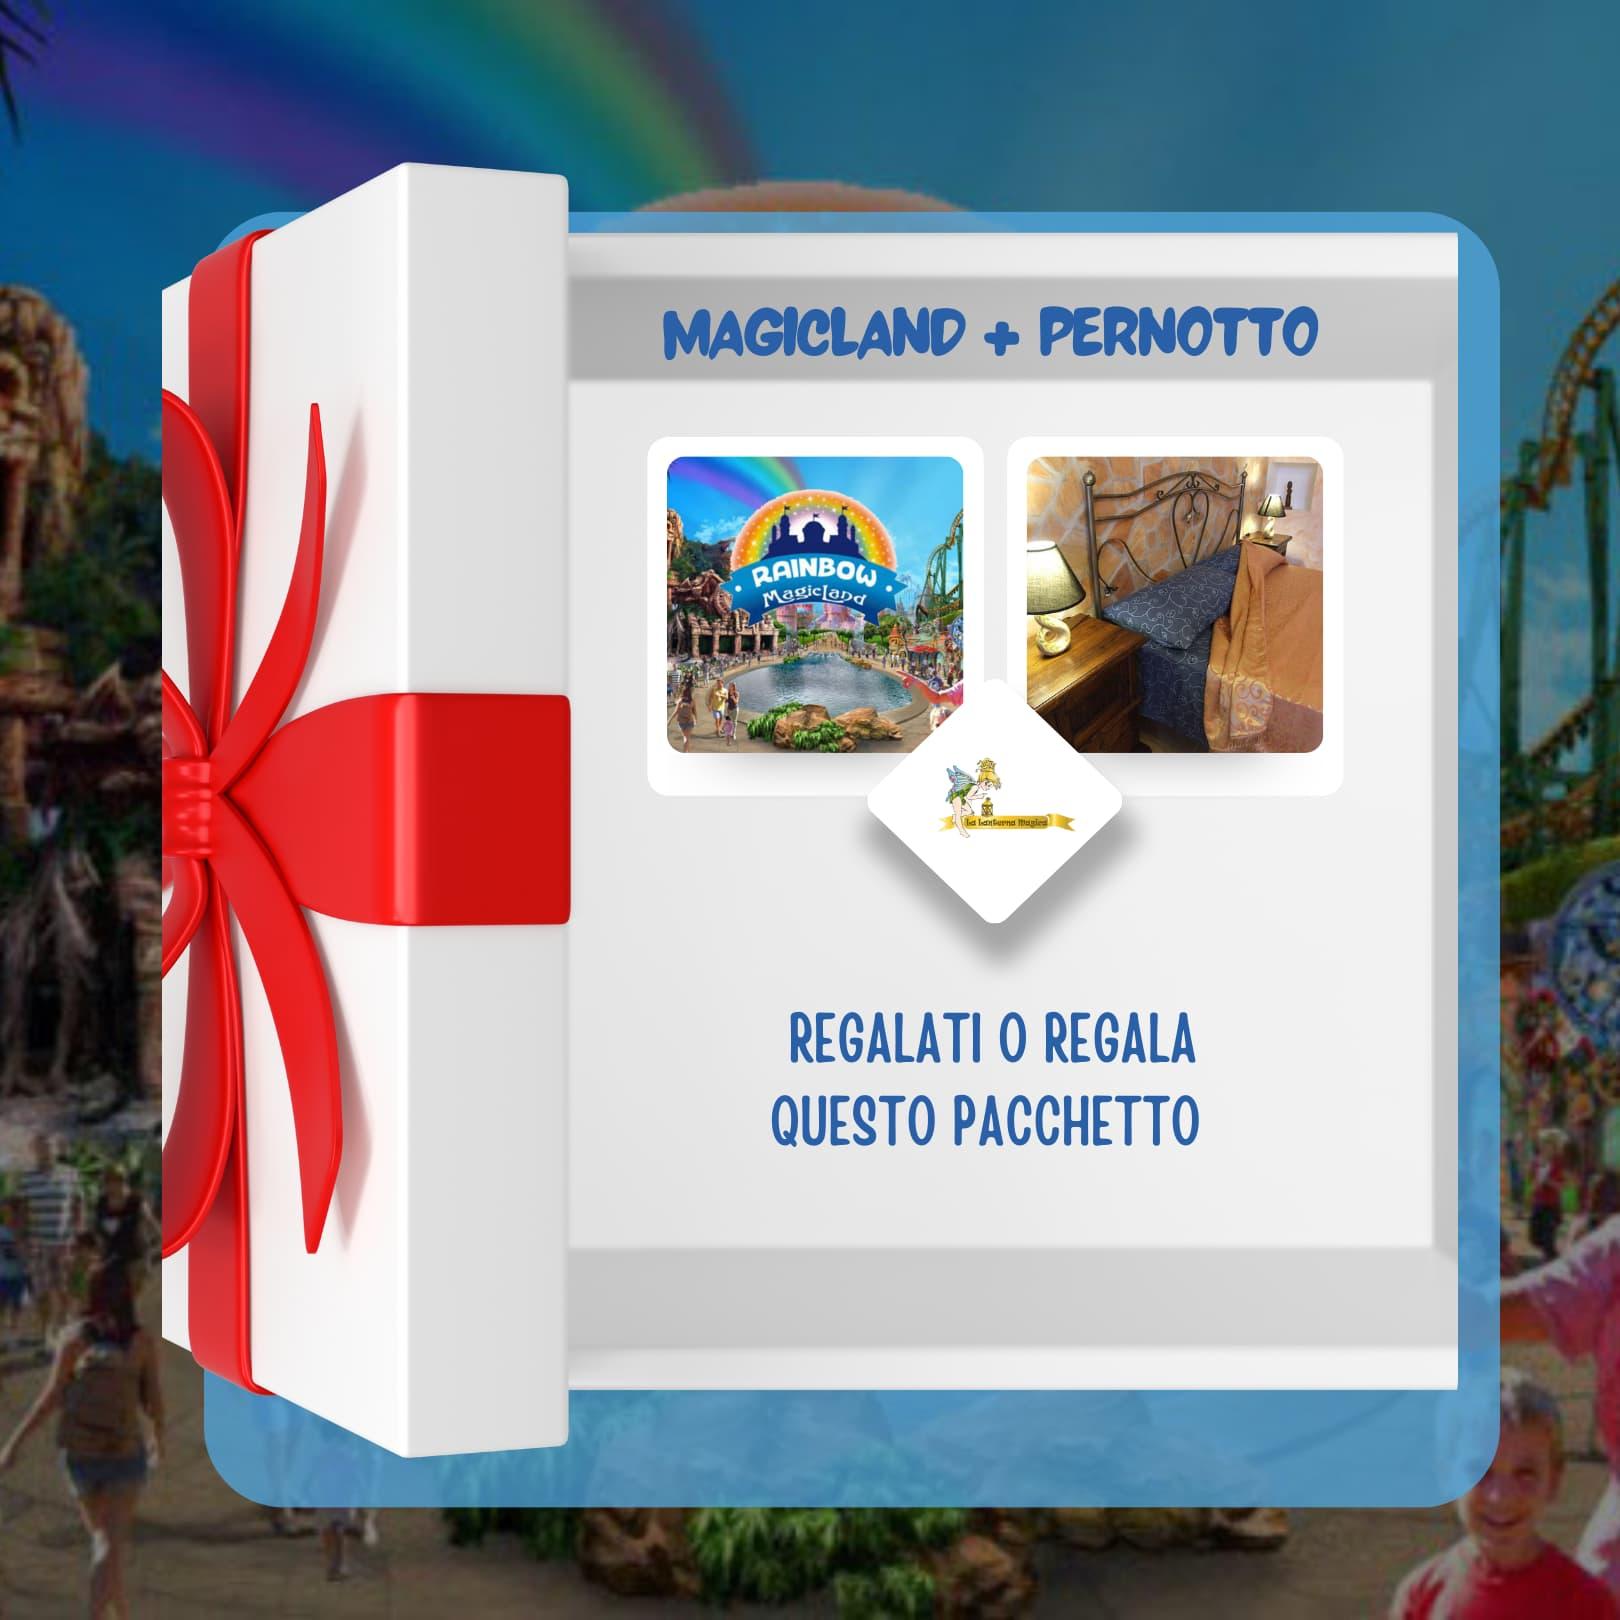 pacchetto magicland